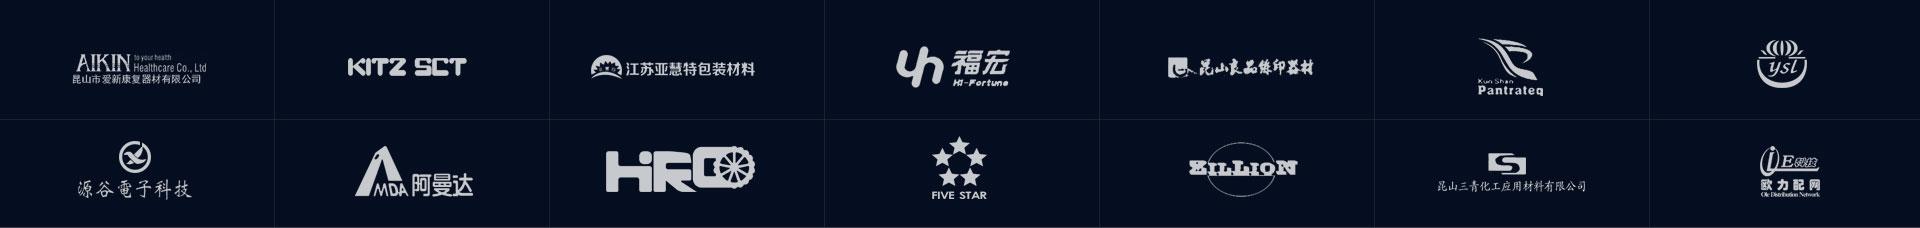 首頁logo列表